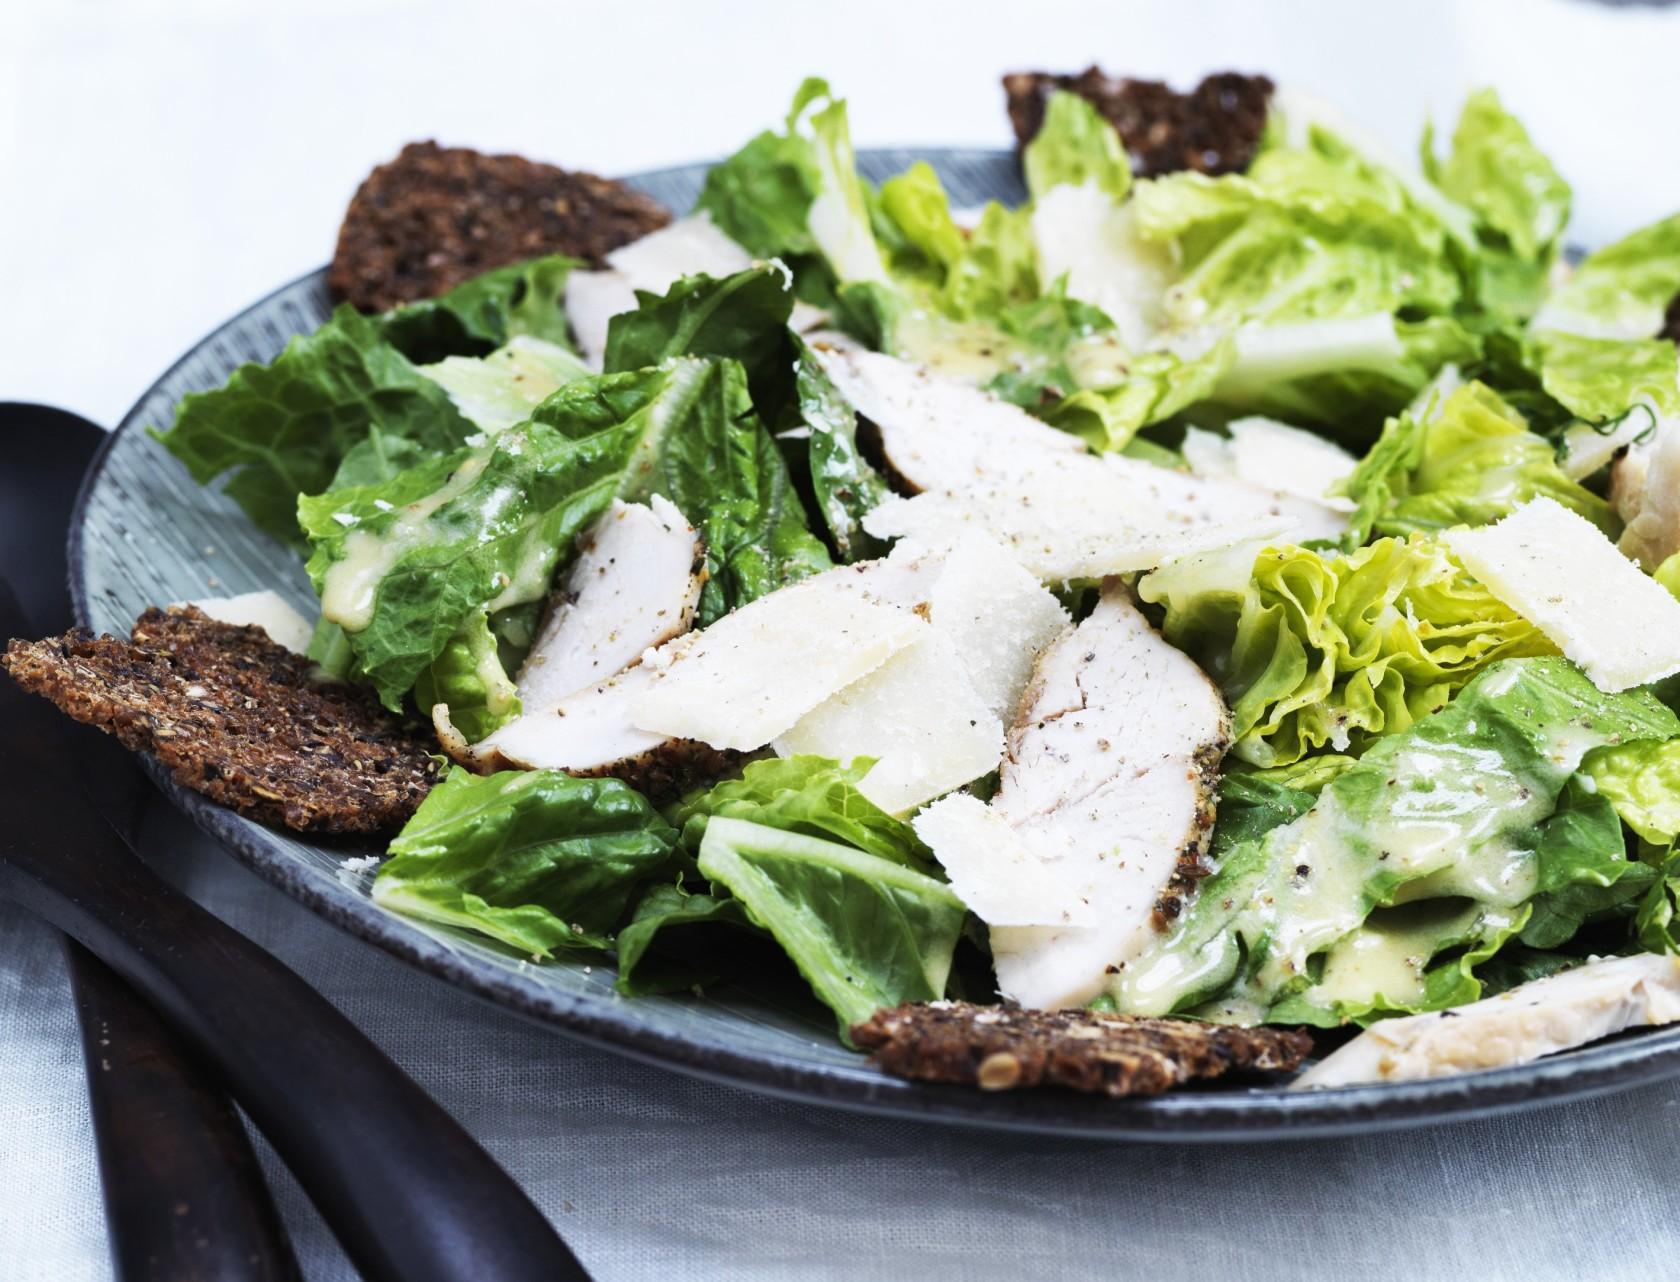 Cæsarsalat med kylling og rugbrødschips - lækker opskrift på frokost.